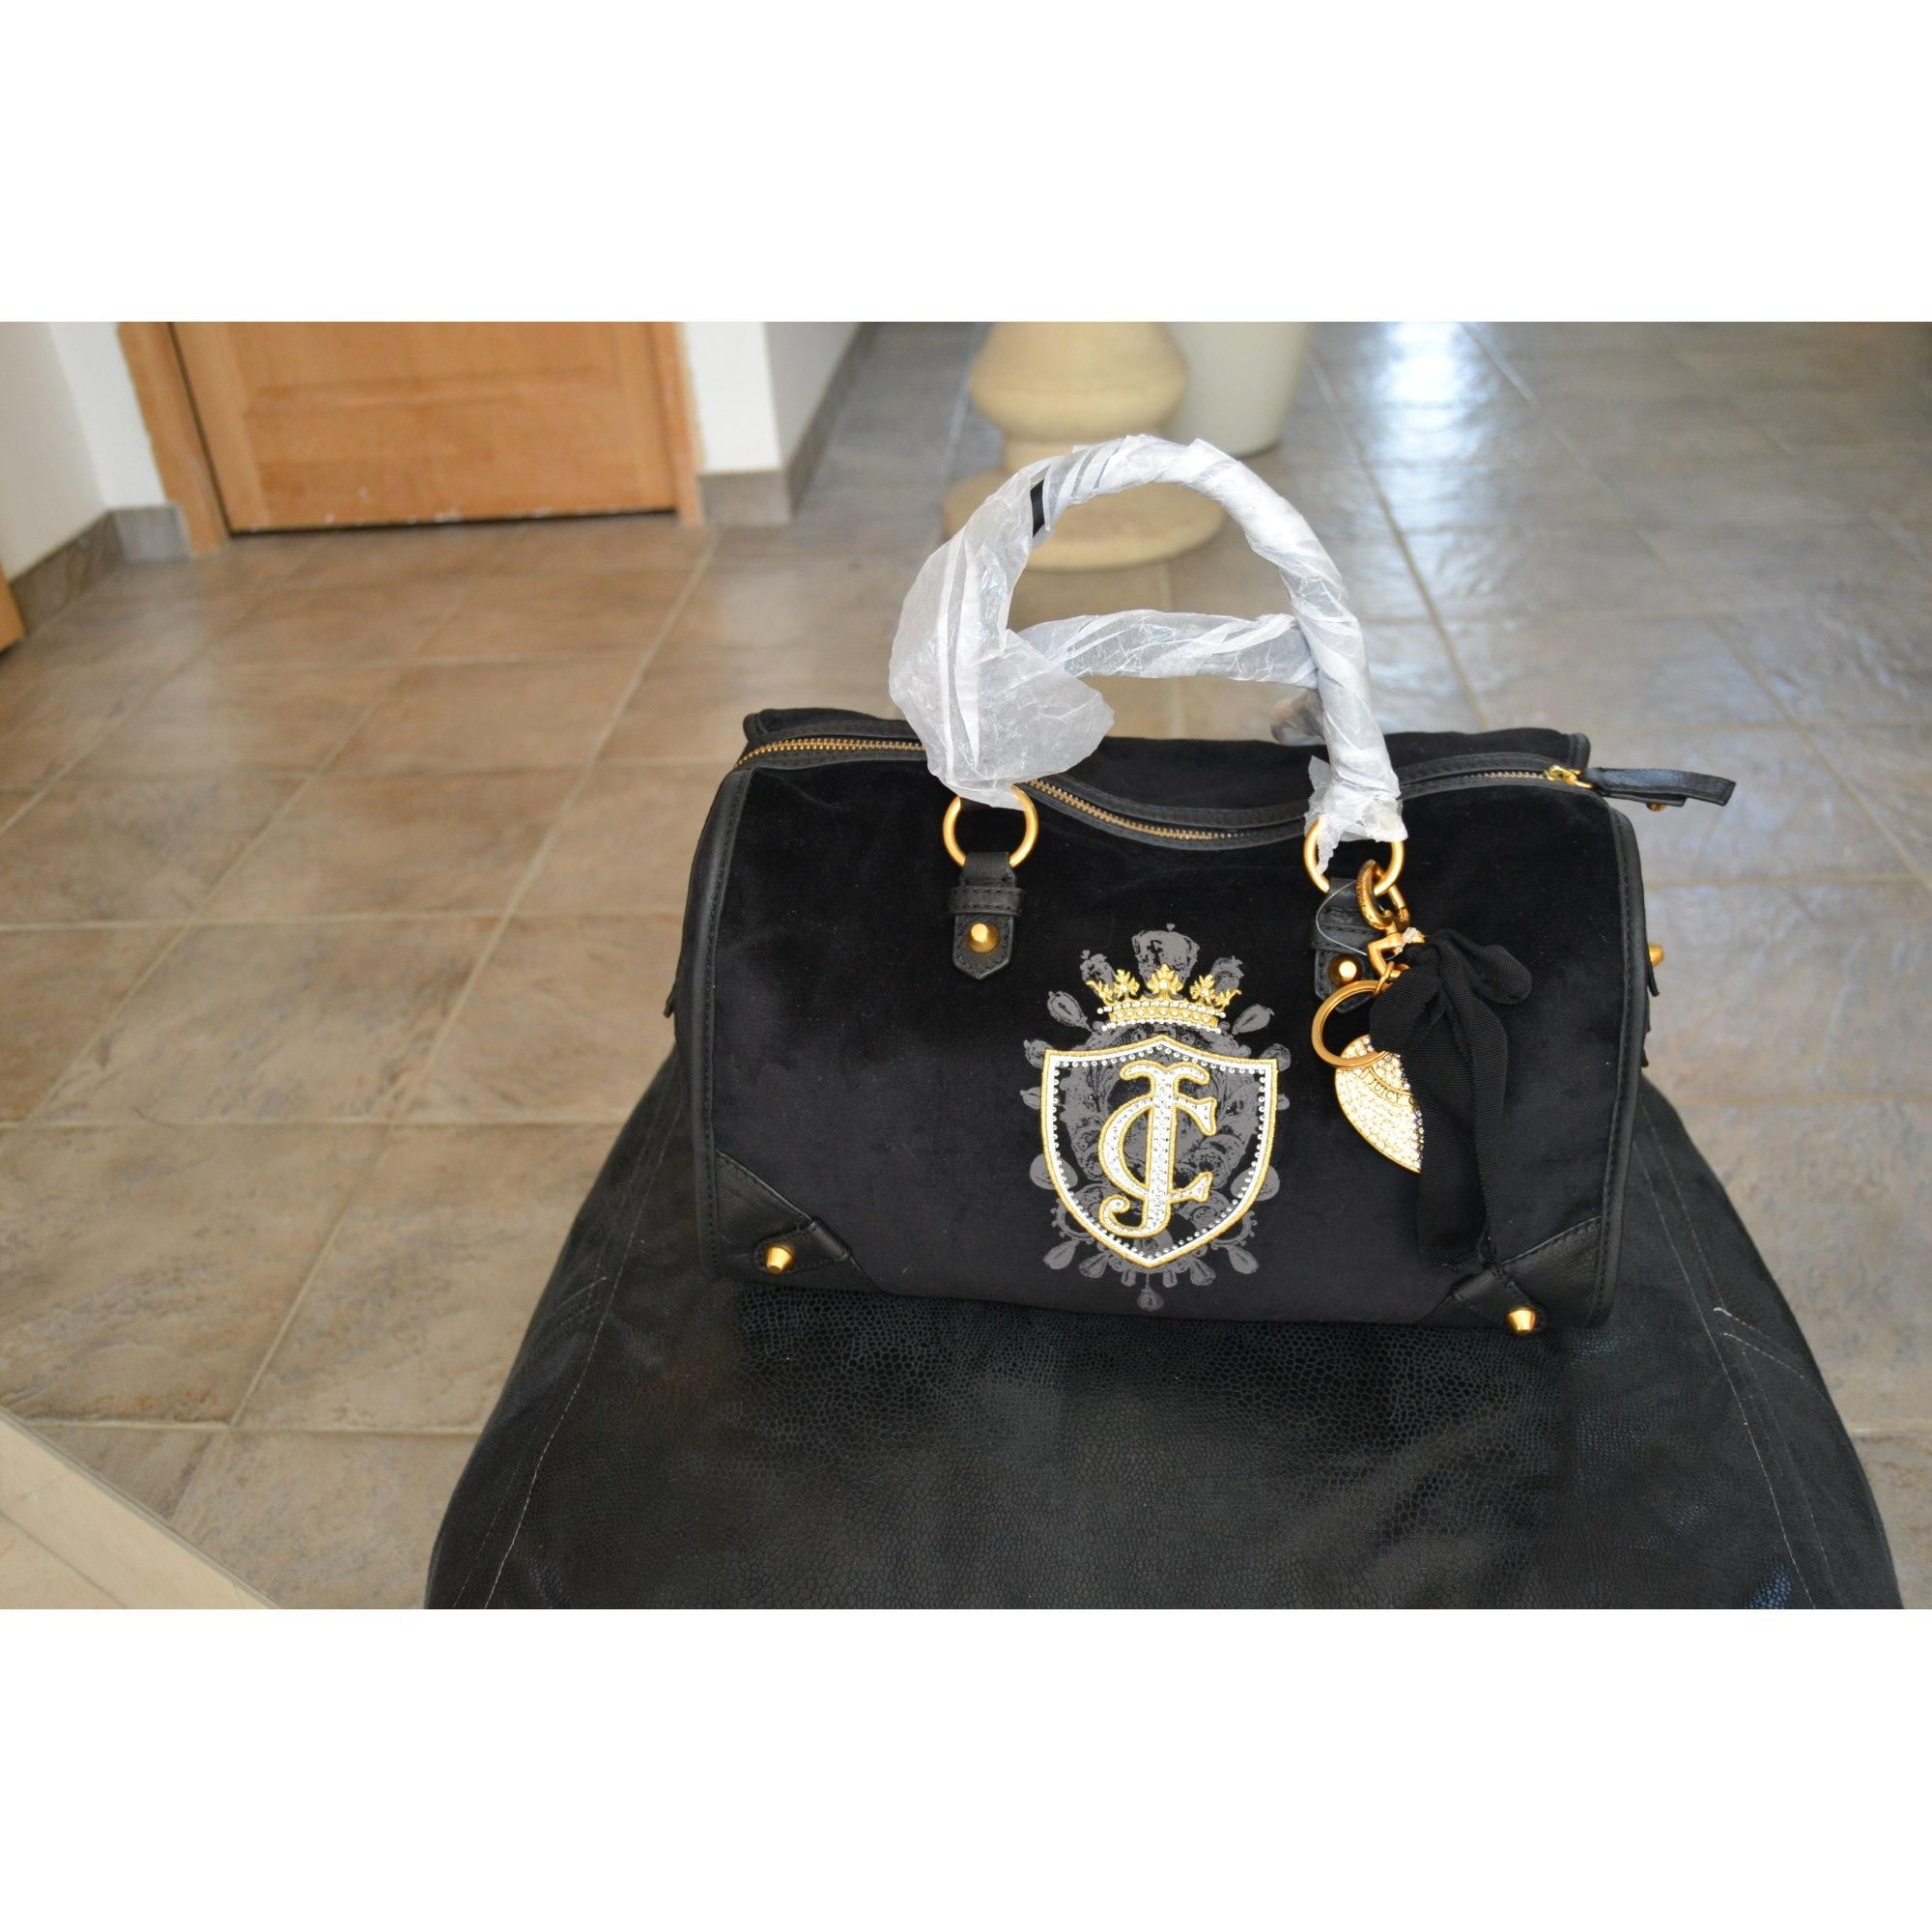 92d0561534 Sac à main en tissu JUICY COUTURE noir vendu par Valérie 103262672 ...